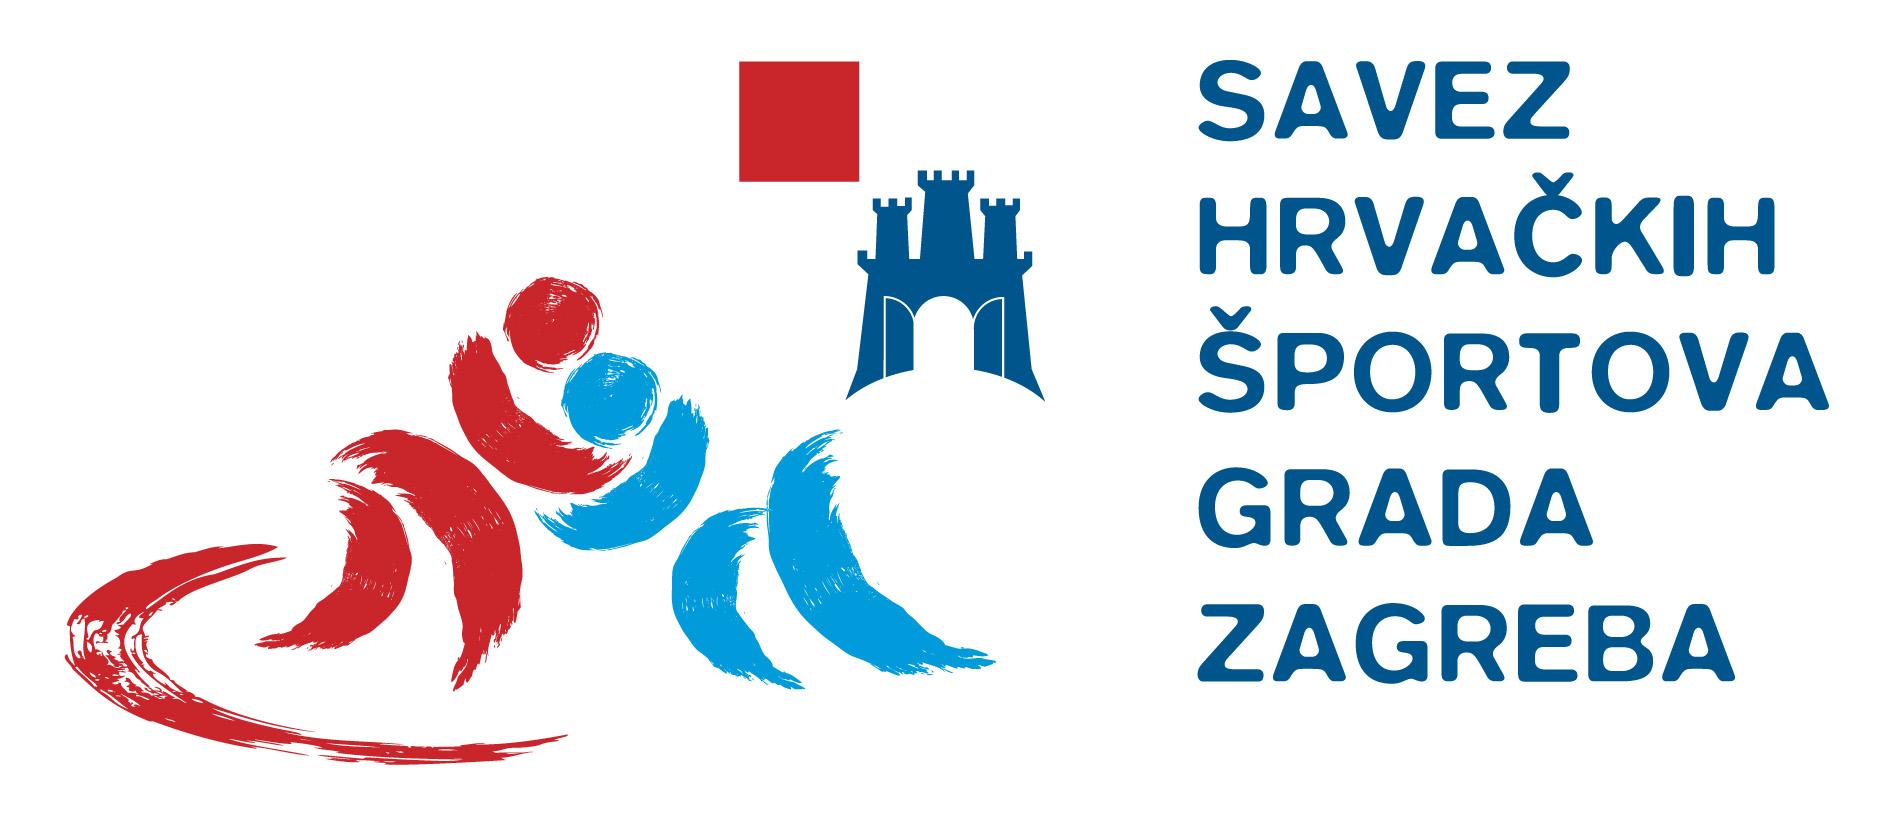 I ove godine Grad Zagreb na tri dana postaje središte svjetske hrvačke elite